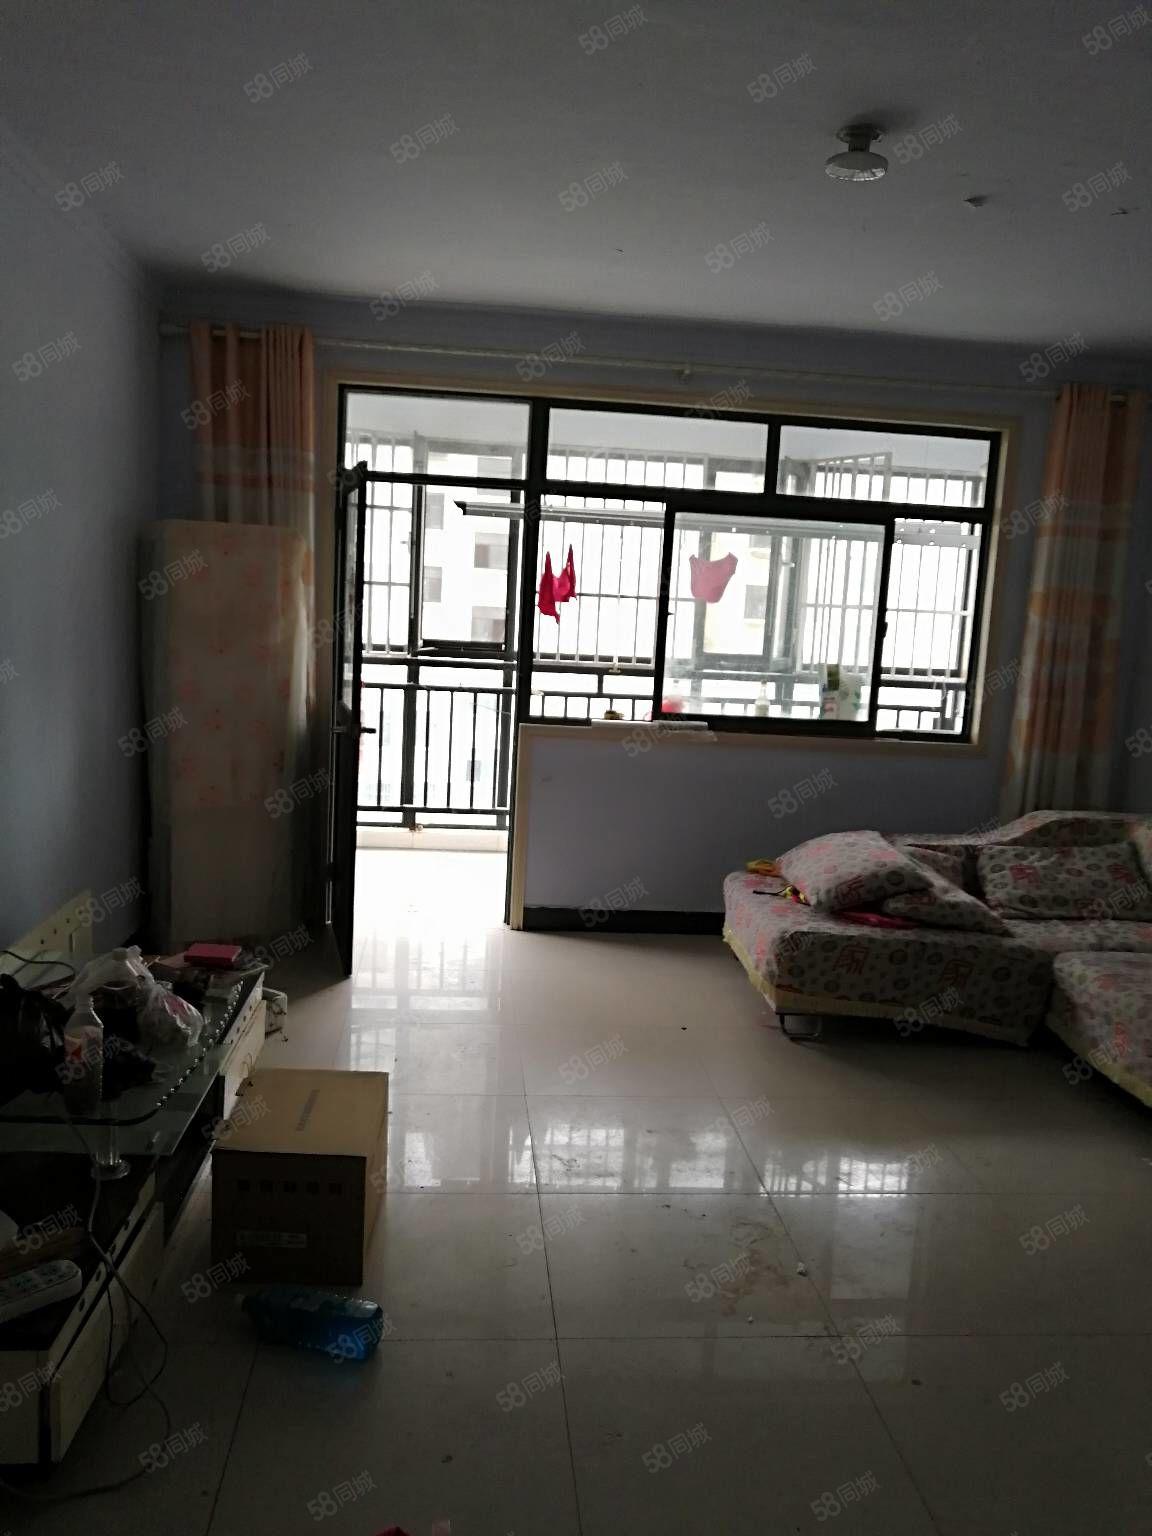 好房急租金颐A区三室两厅精装修拎包入住全屋地板砖